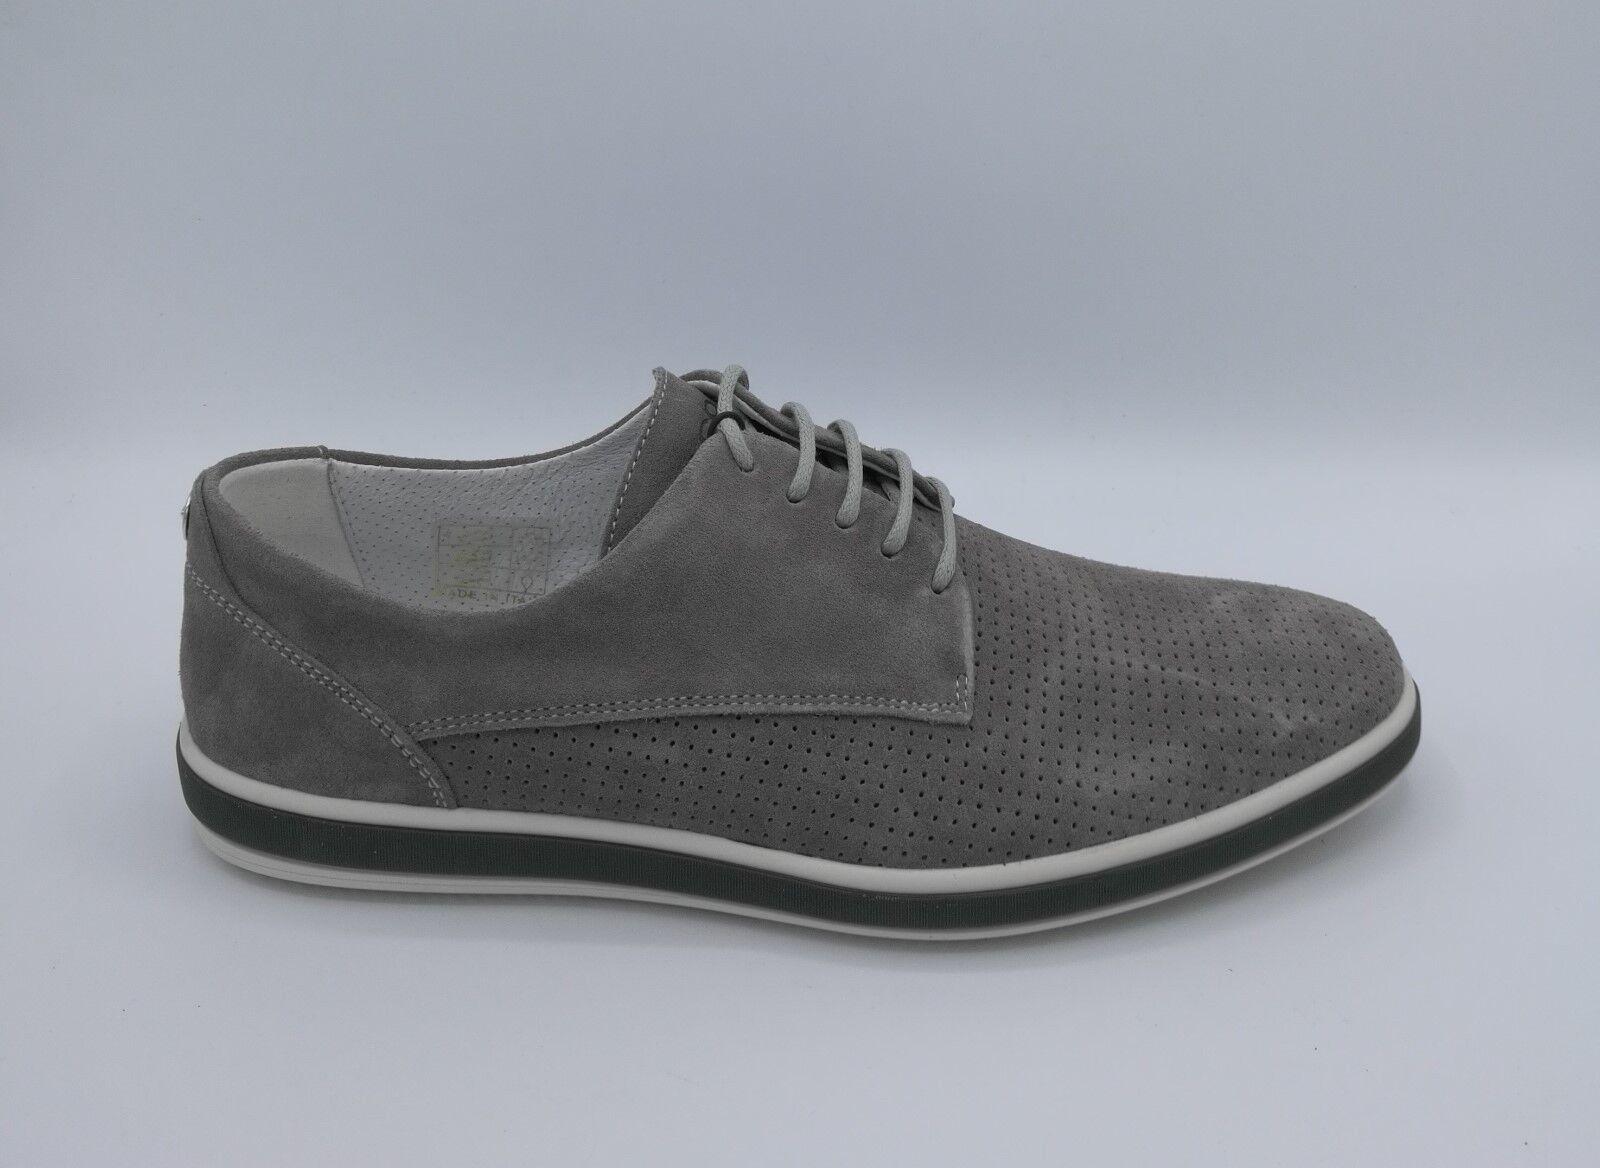 Igi & de Co 1108922 Zapatos abrochada de & ante micro-perforado gris 3f28e9